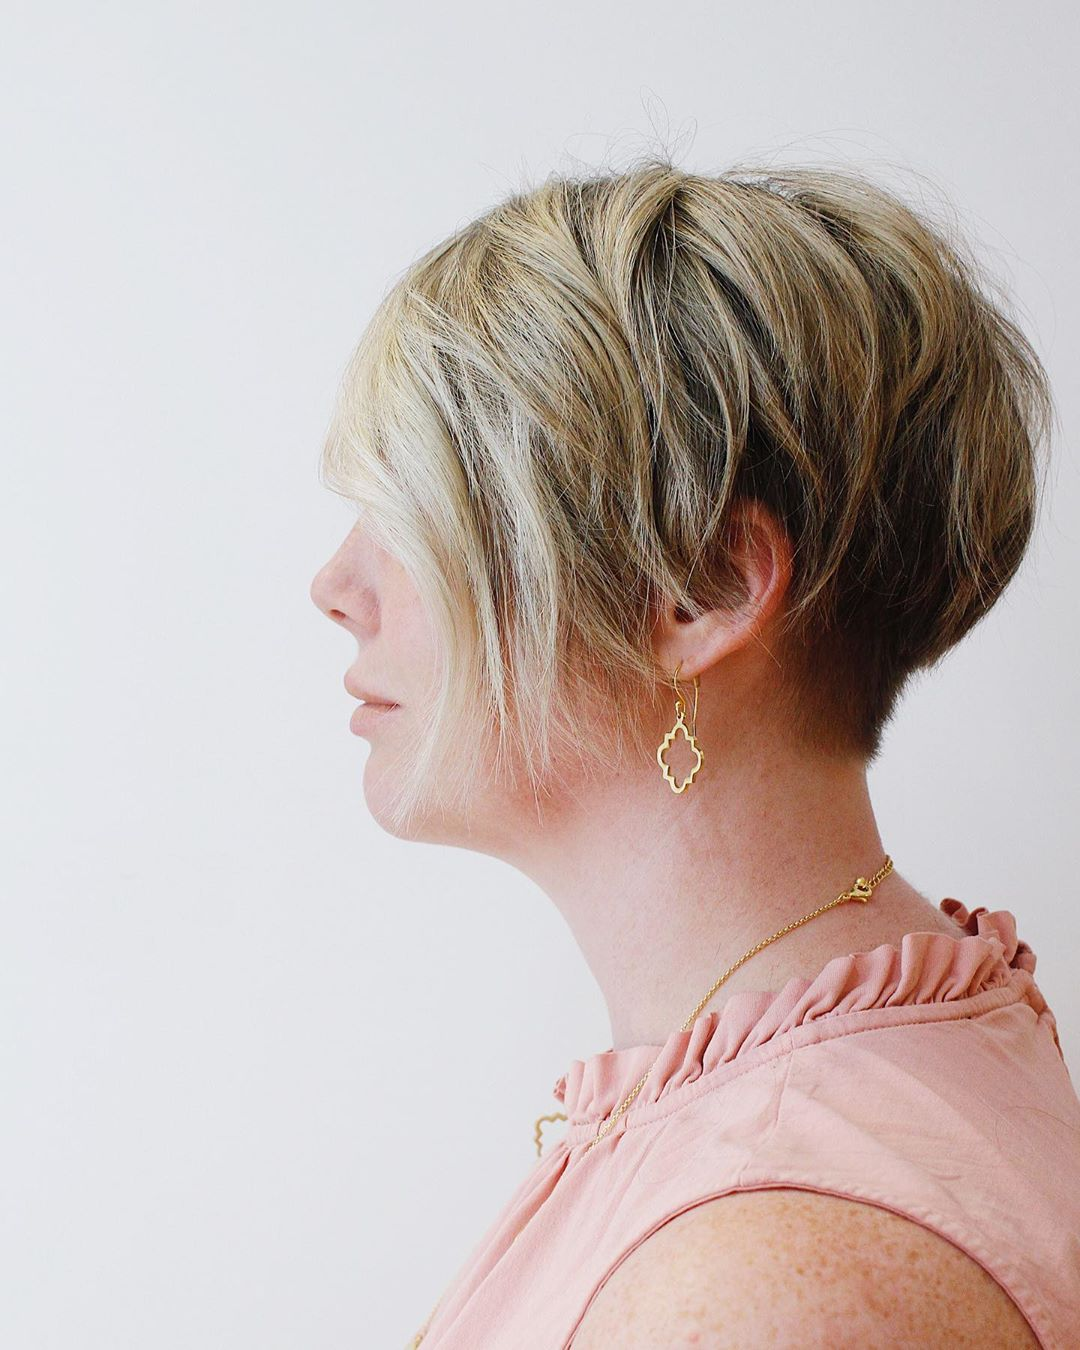 стрижка для женщин после 50 лет фото 19